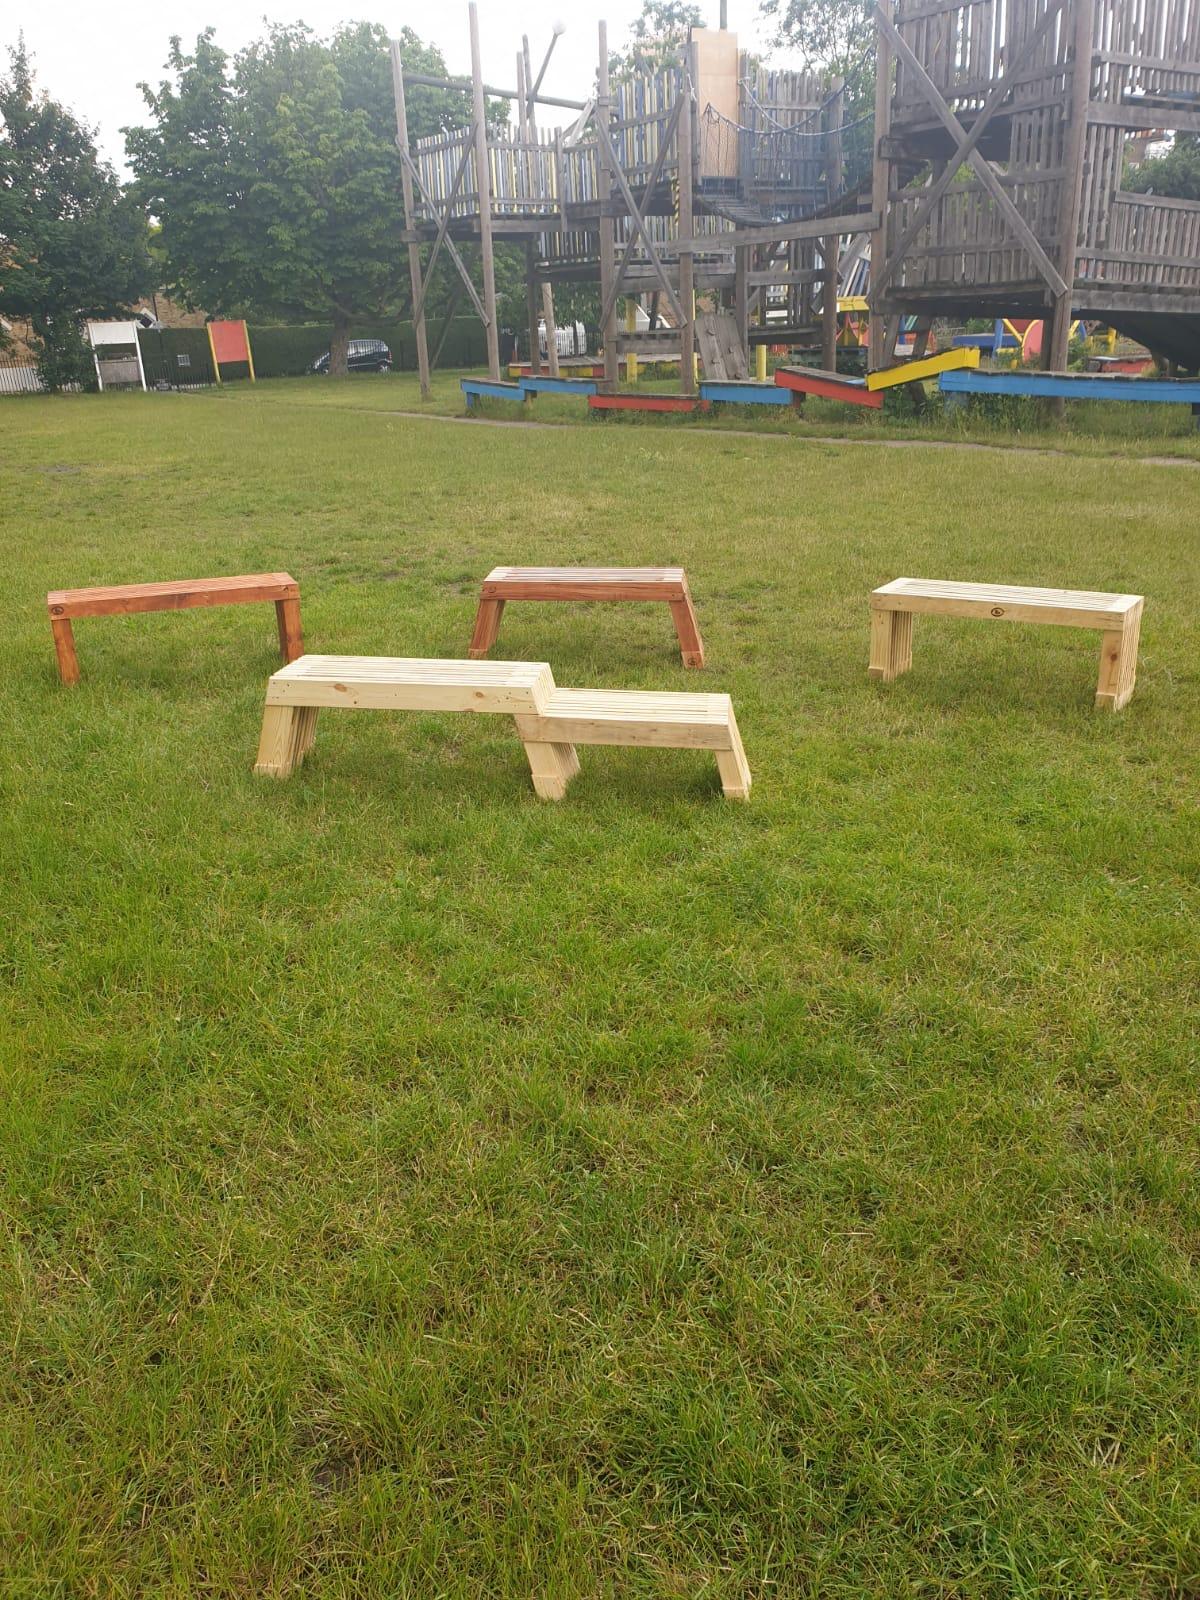 InUse-ReUse Garden Benches